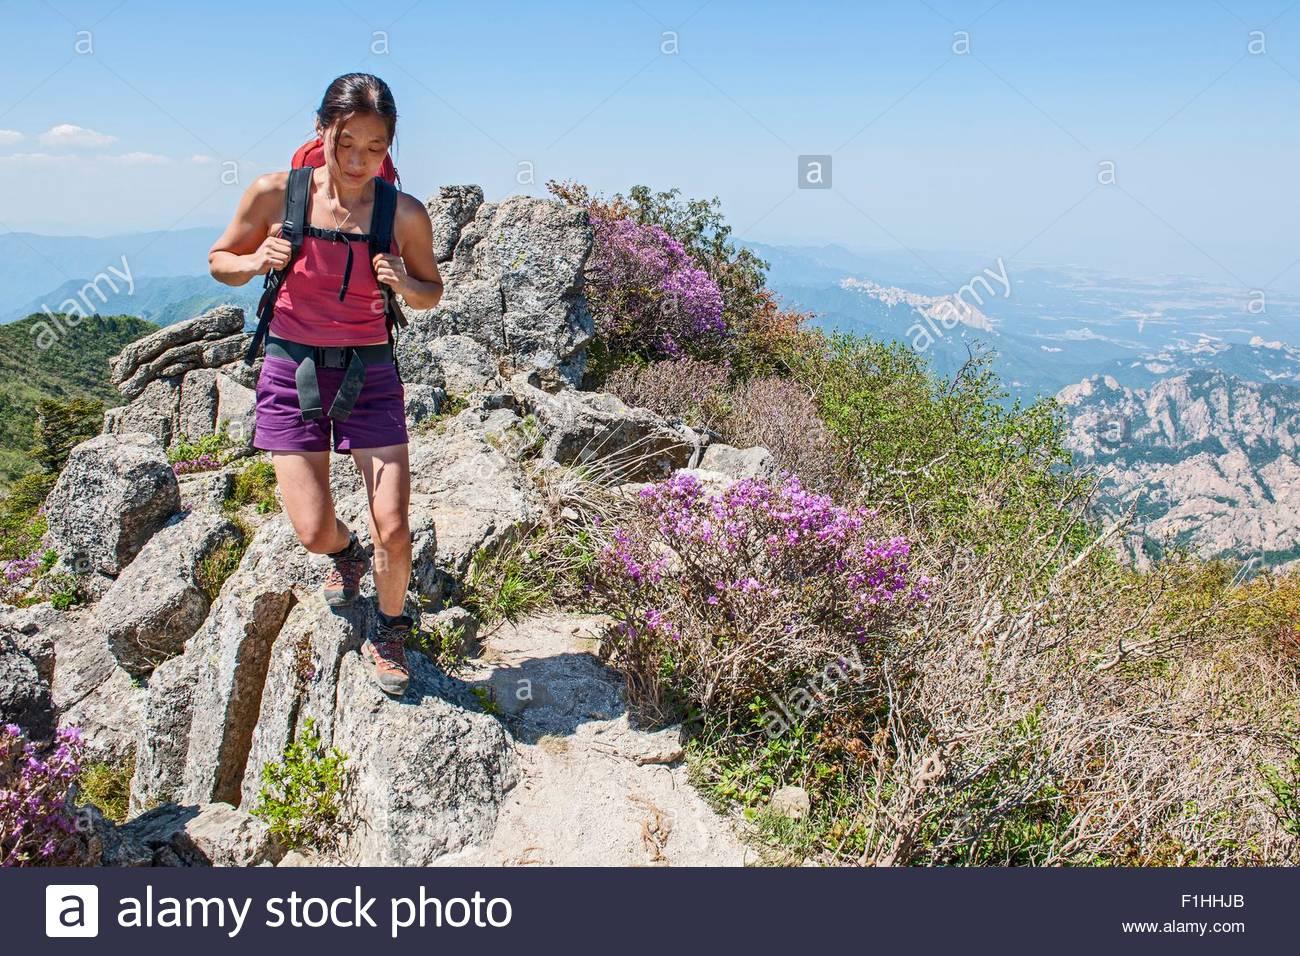 Female hiker walking Ridge sur la façon d'Daecheongbong peak, le Parc National de Seoraksan en Corée Photo Stock